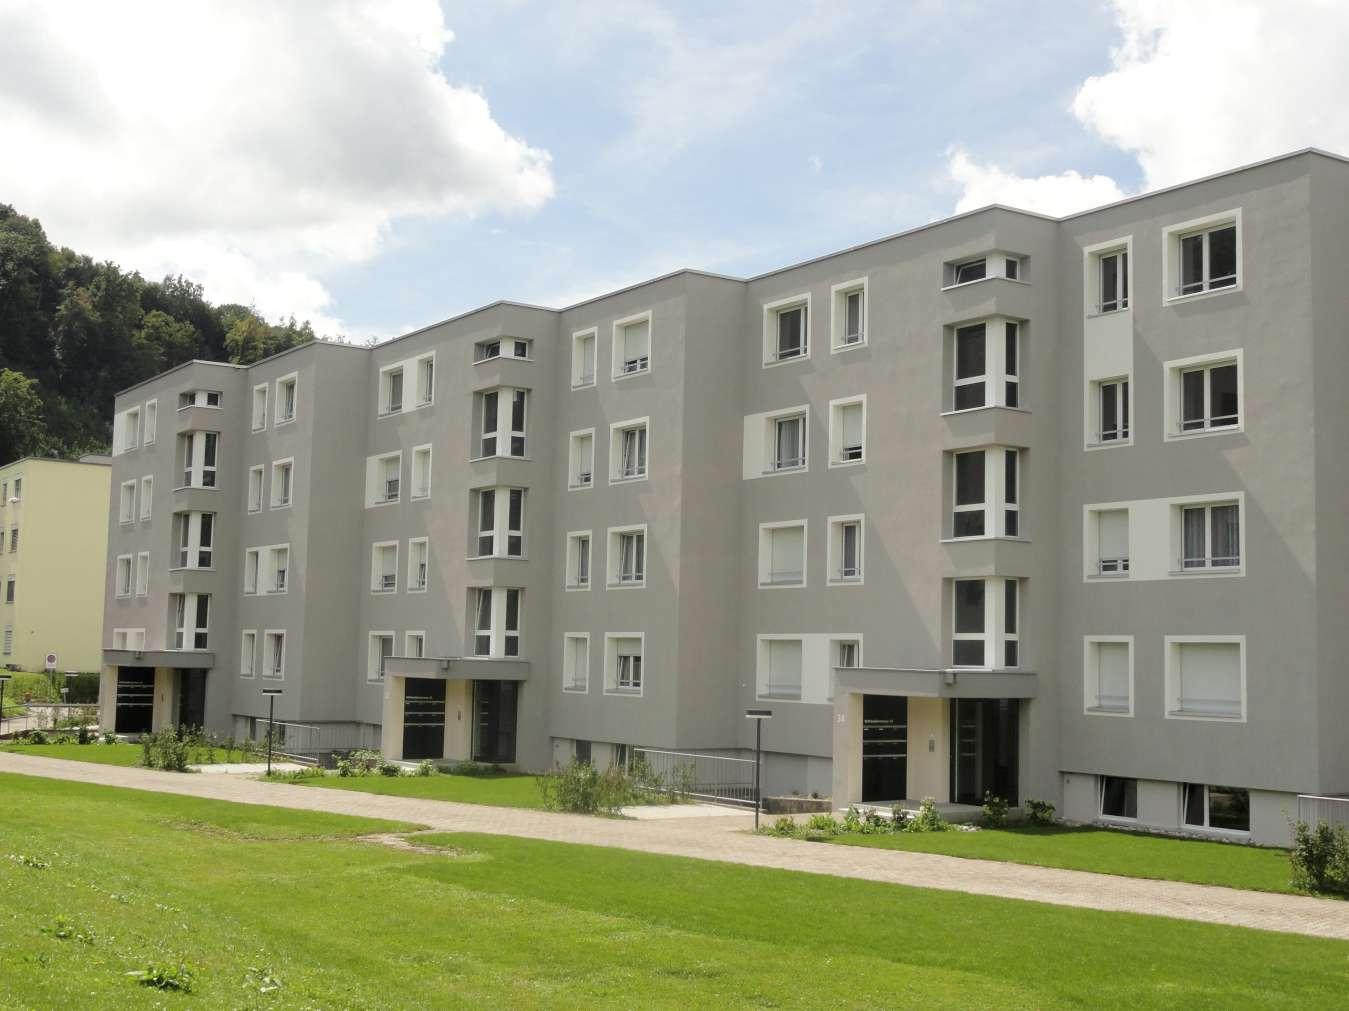 Stiftshaldenstrasse 30